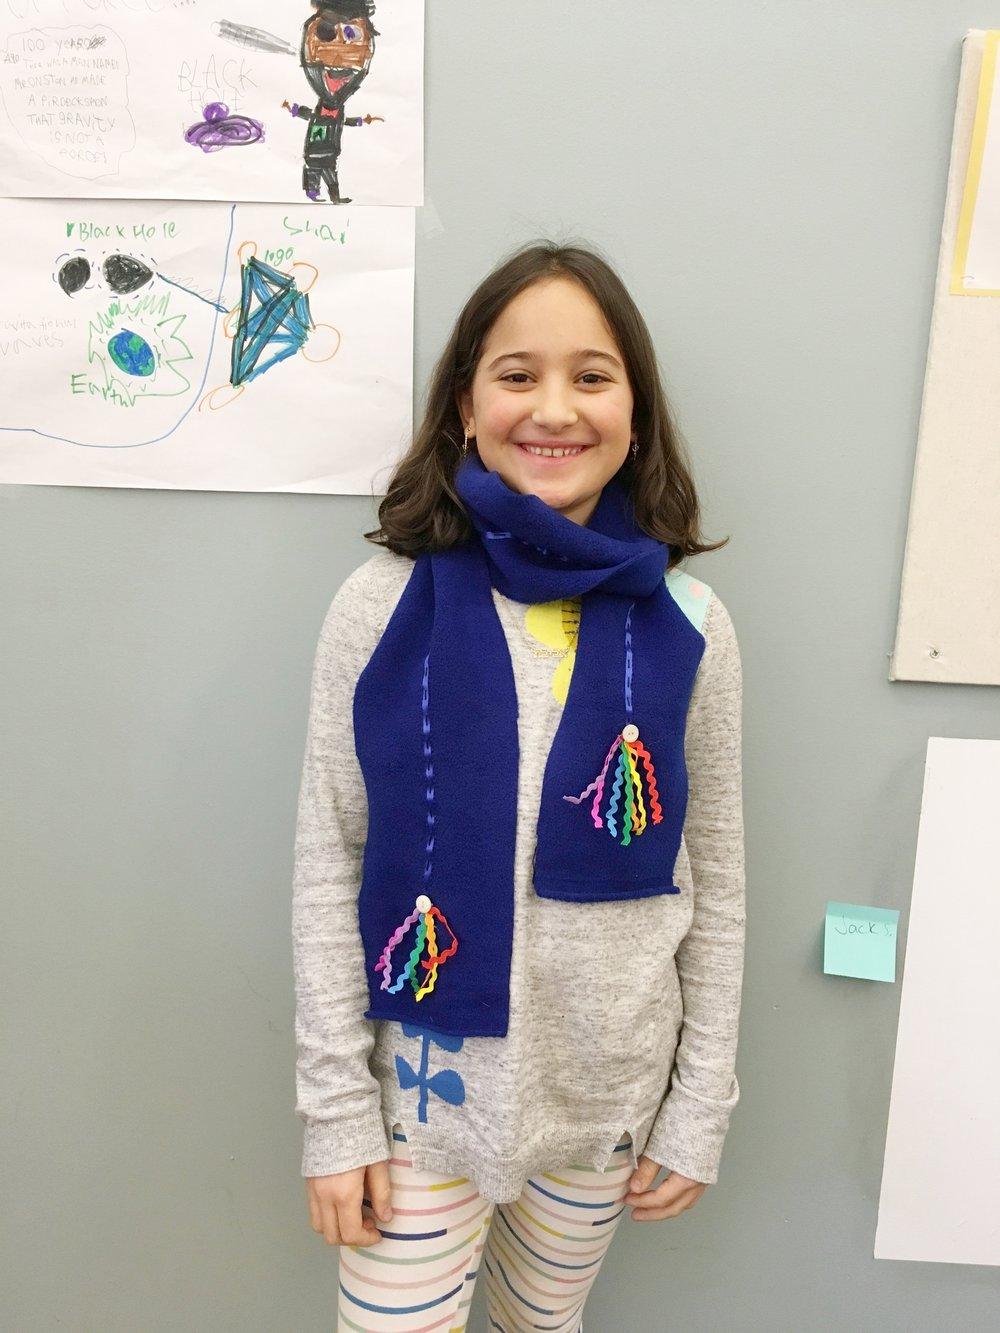 avivascarf.jpg